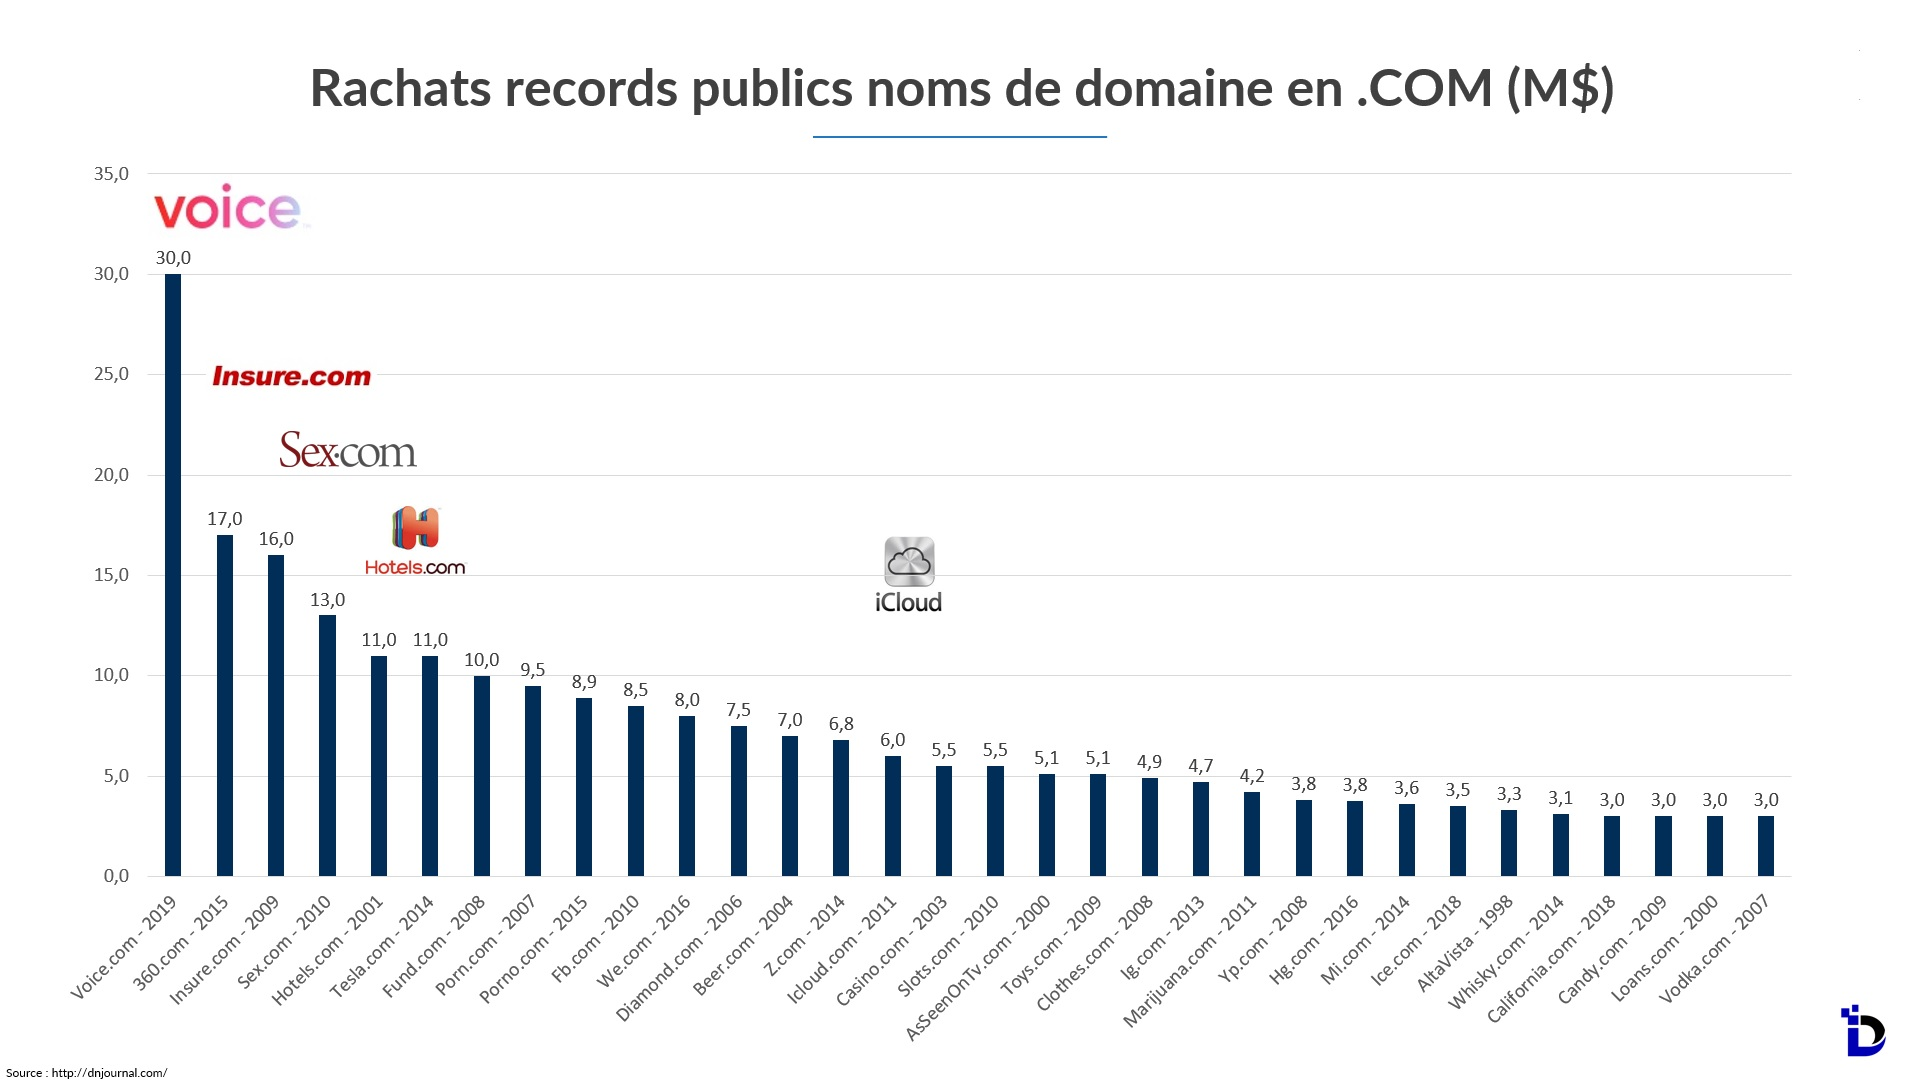 Rachats de noms de domaine les plus chers au monde